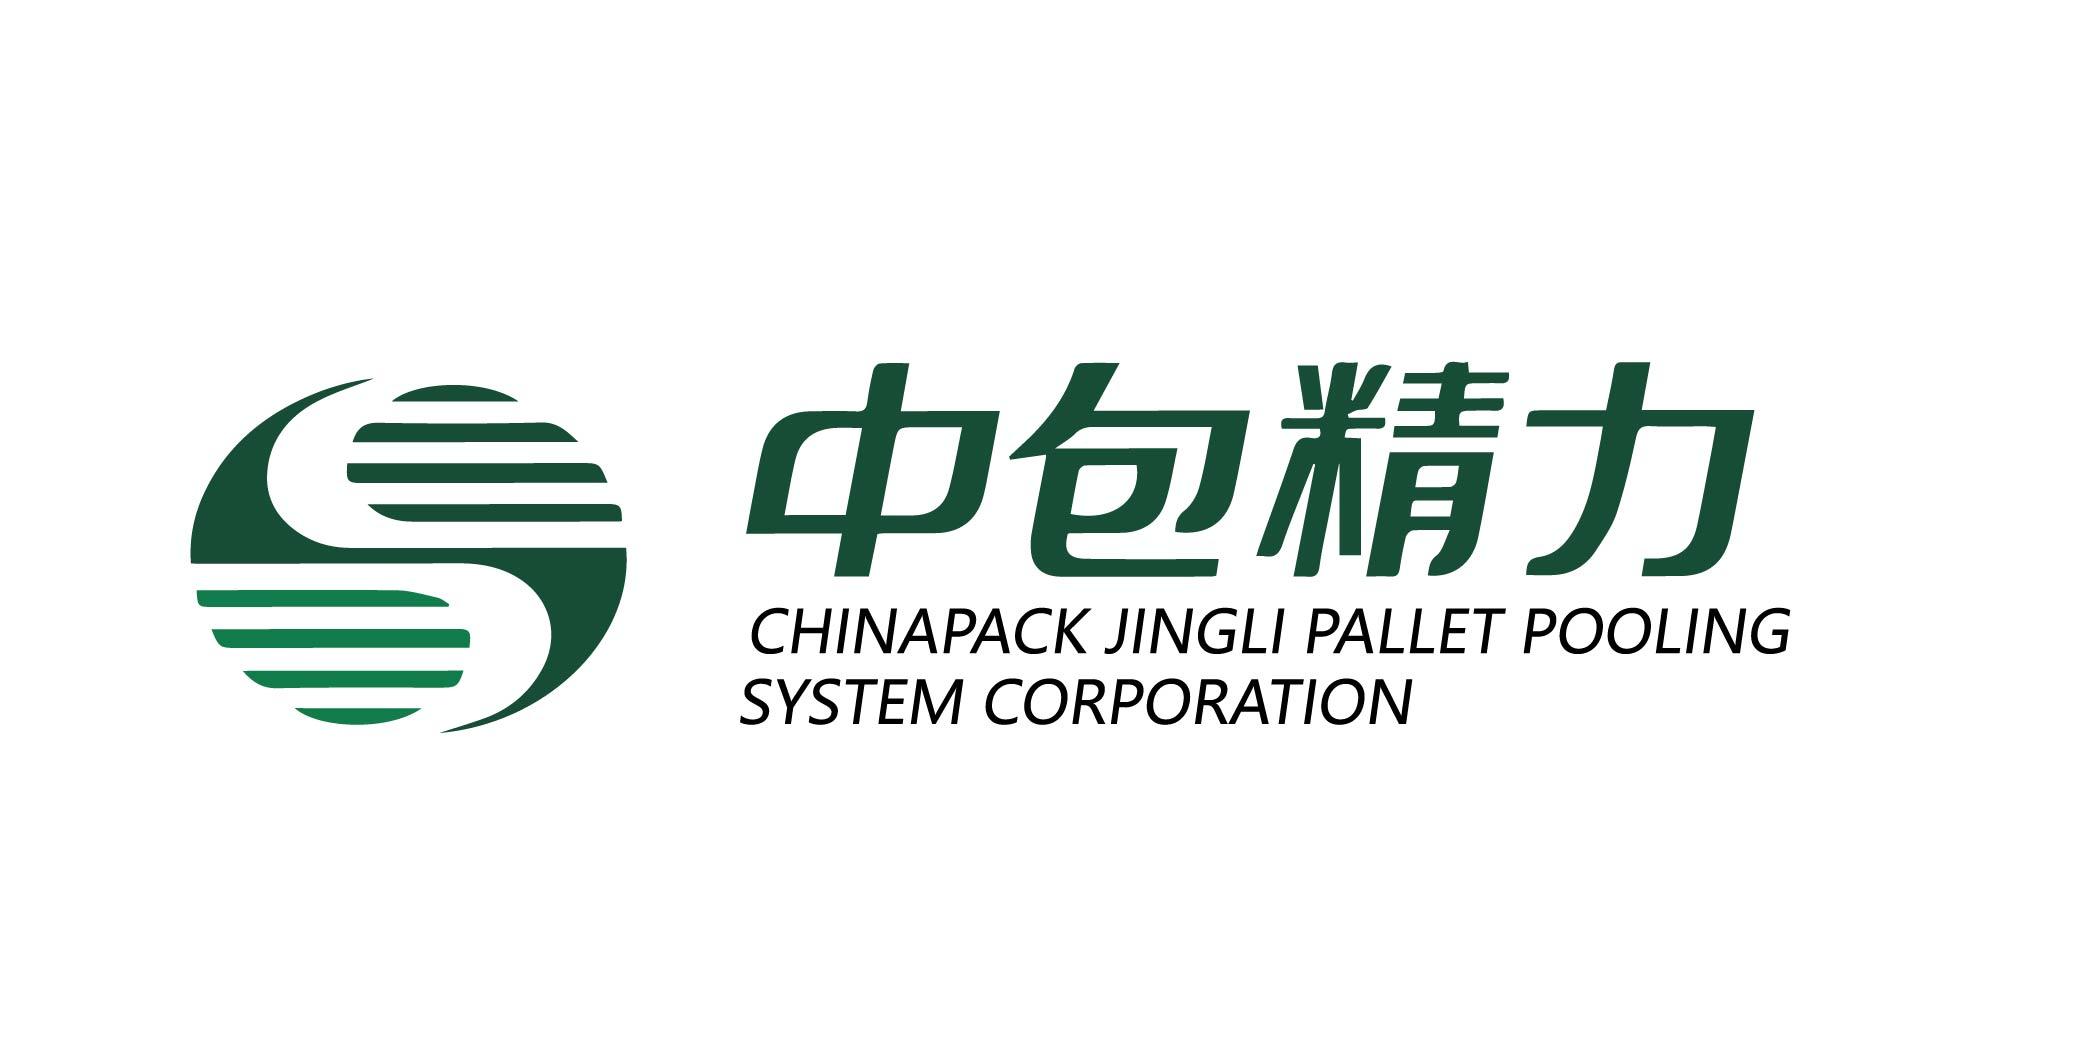 中包精力供应链管理江阴有限公司